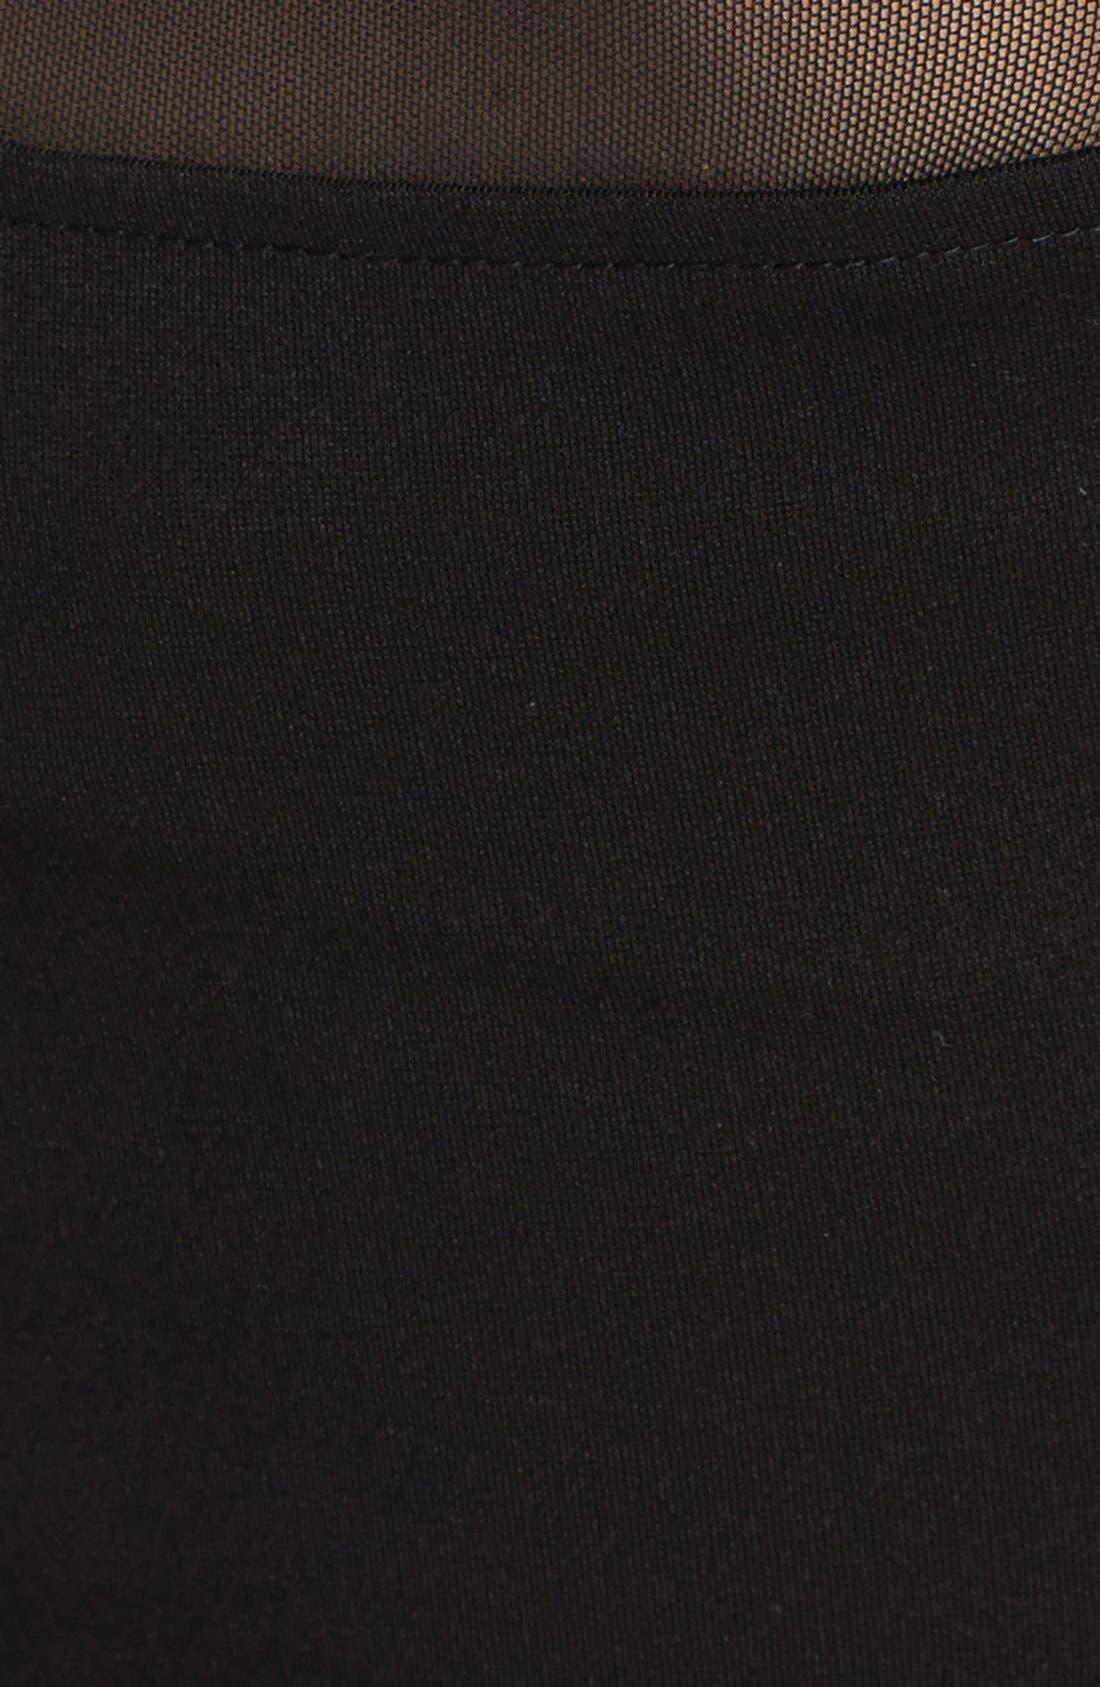 Alternate Image 3  - BB Dakota 'Rhyannon' Sheer Yoke Ponte Sheath Dress